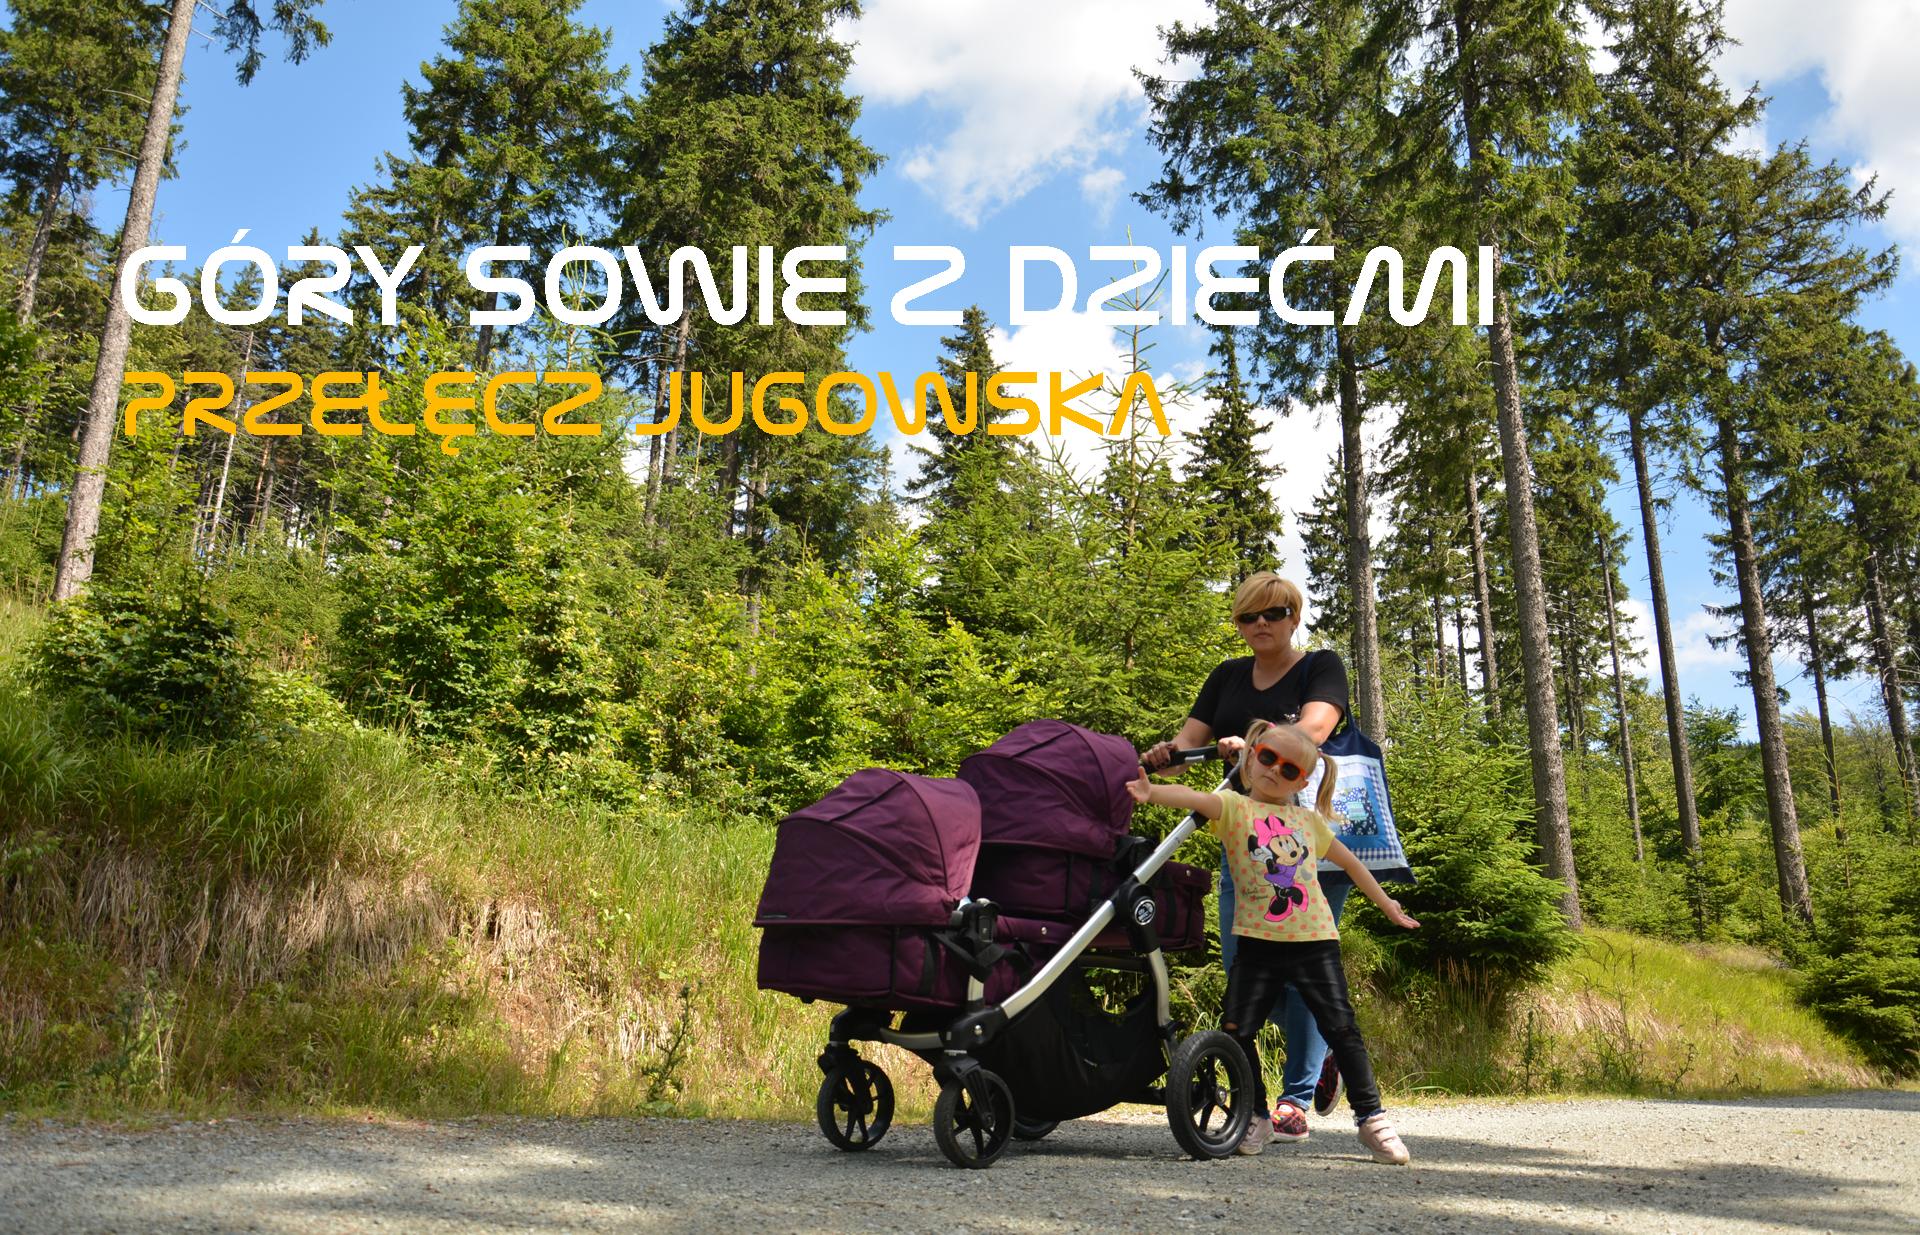 Góry Sowie z dziećmi – Przełęcz Jugowska